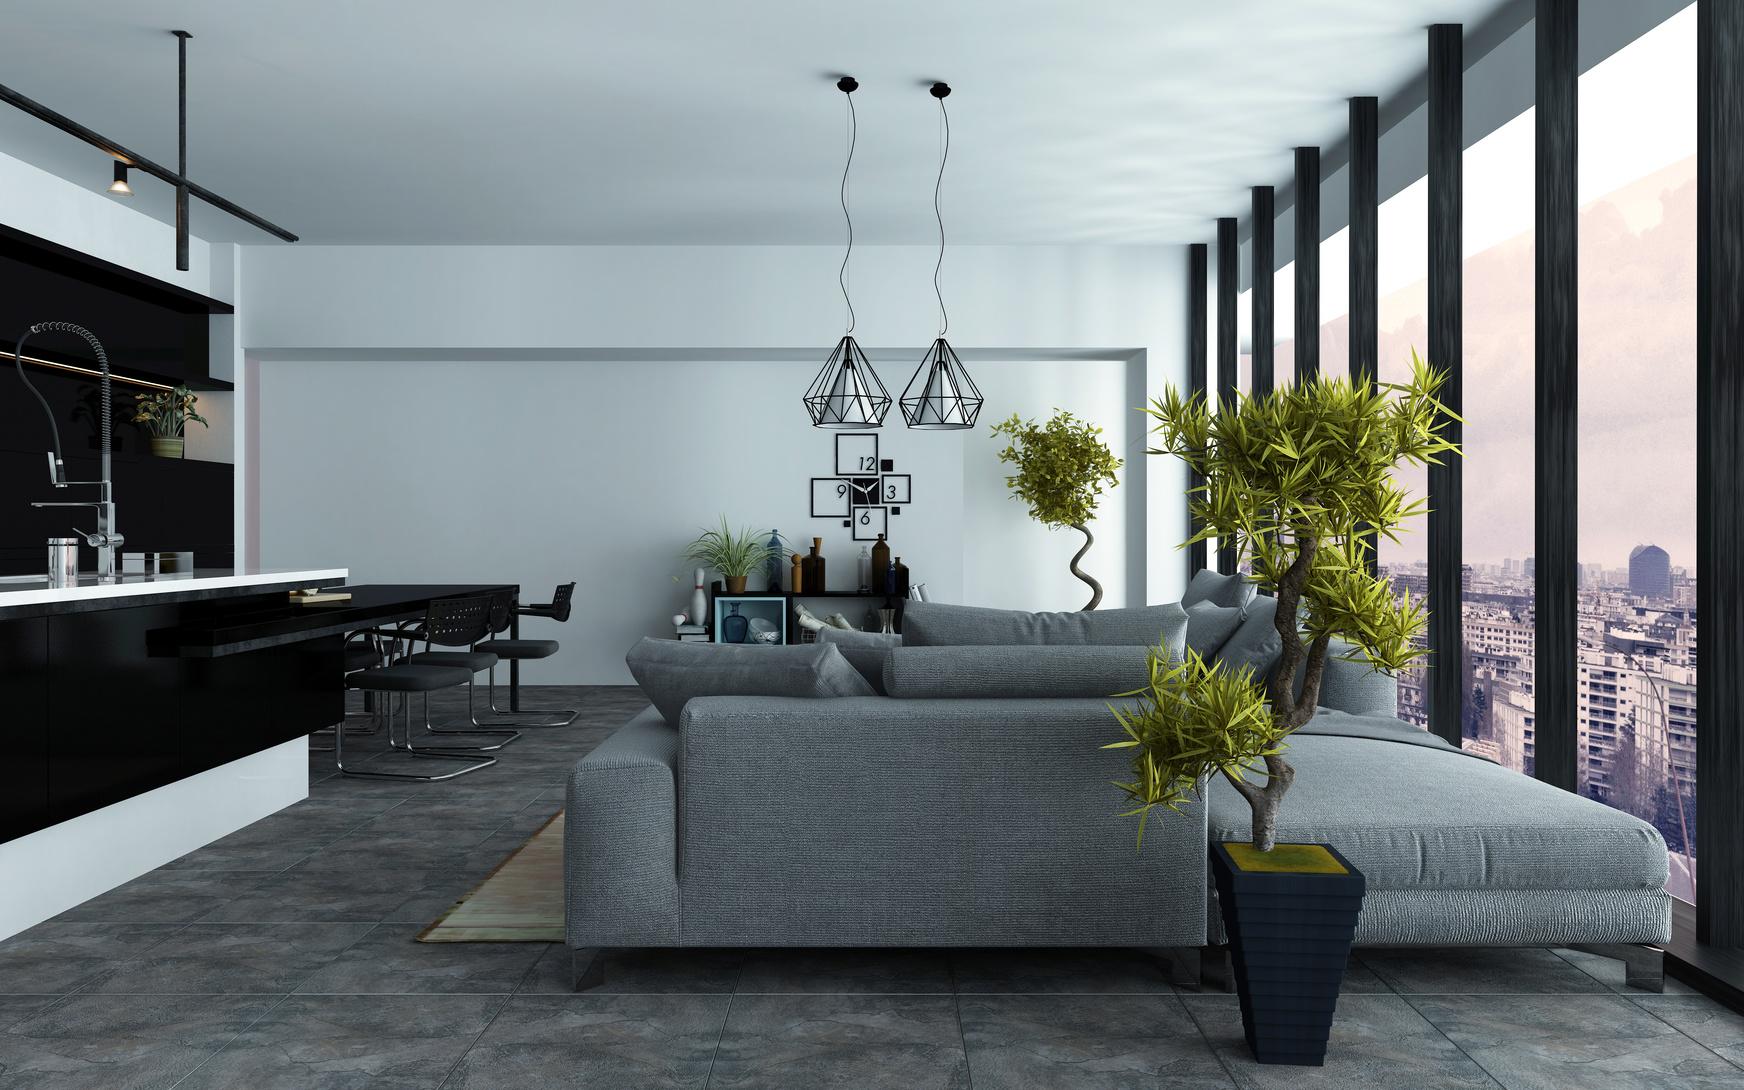 struktur in der wohnung und im leben der minimalistische